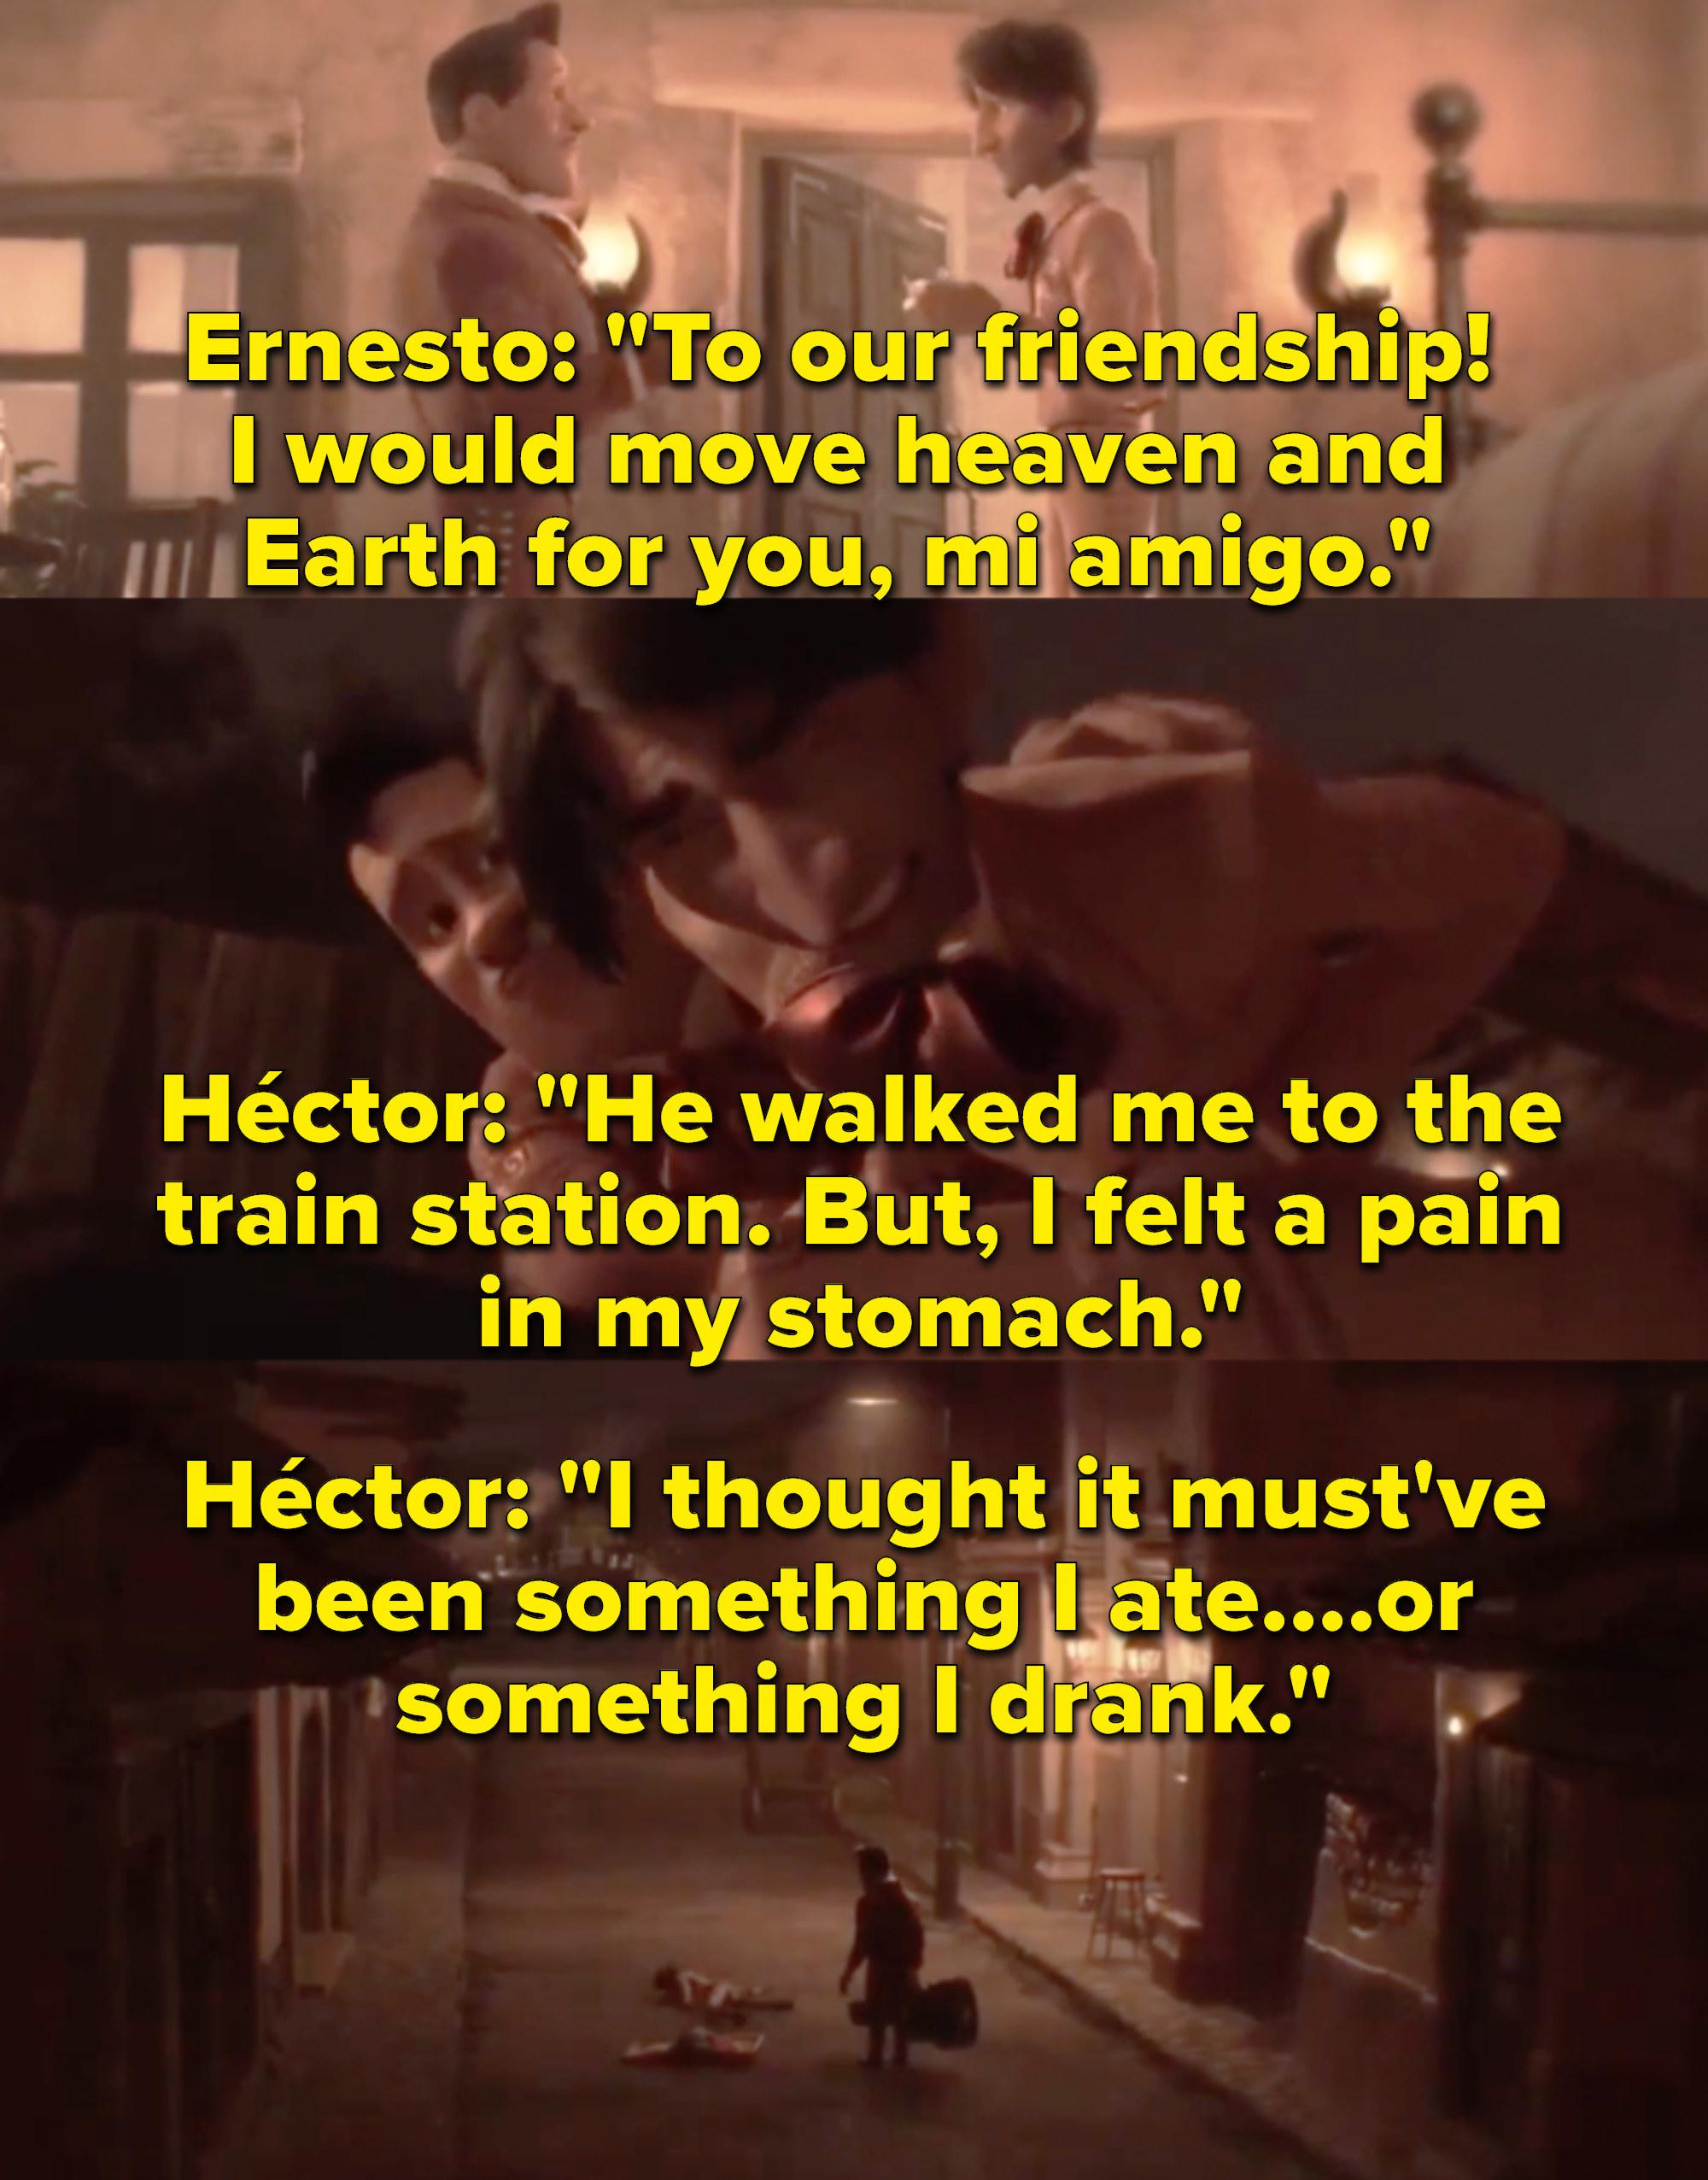 """Gael García Bernal as Héctor and Benjamin Bratt as Ernesto de la Cruz in the movie """"Coco."""""""